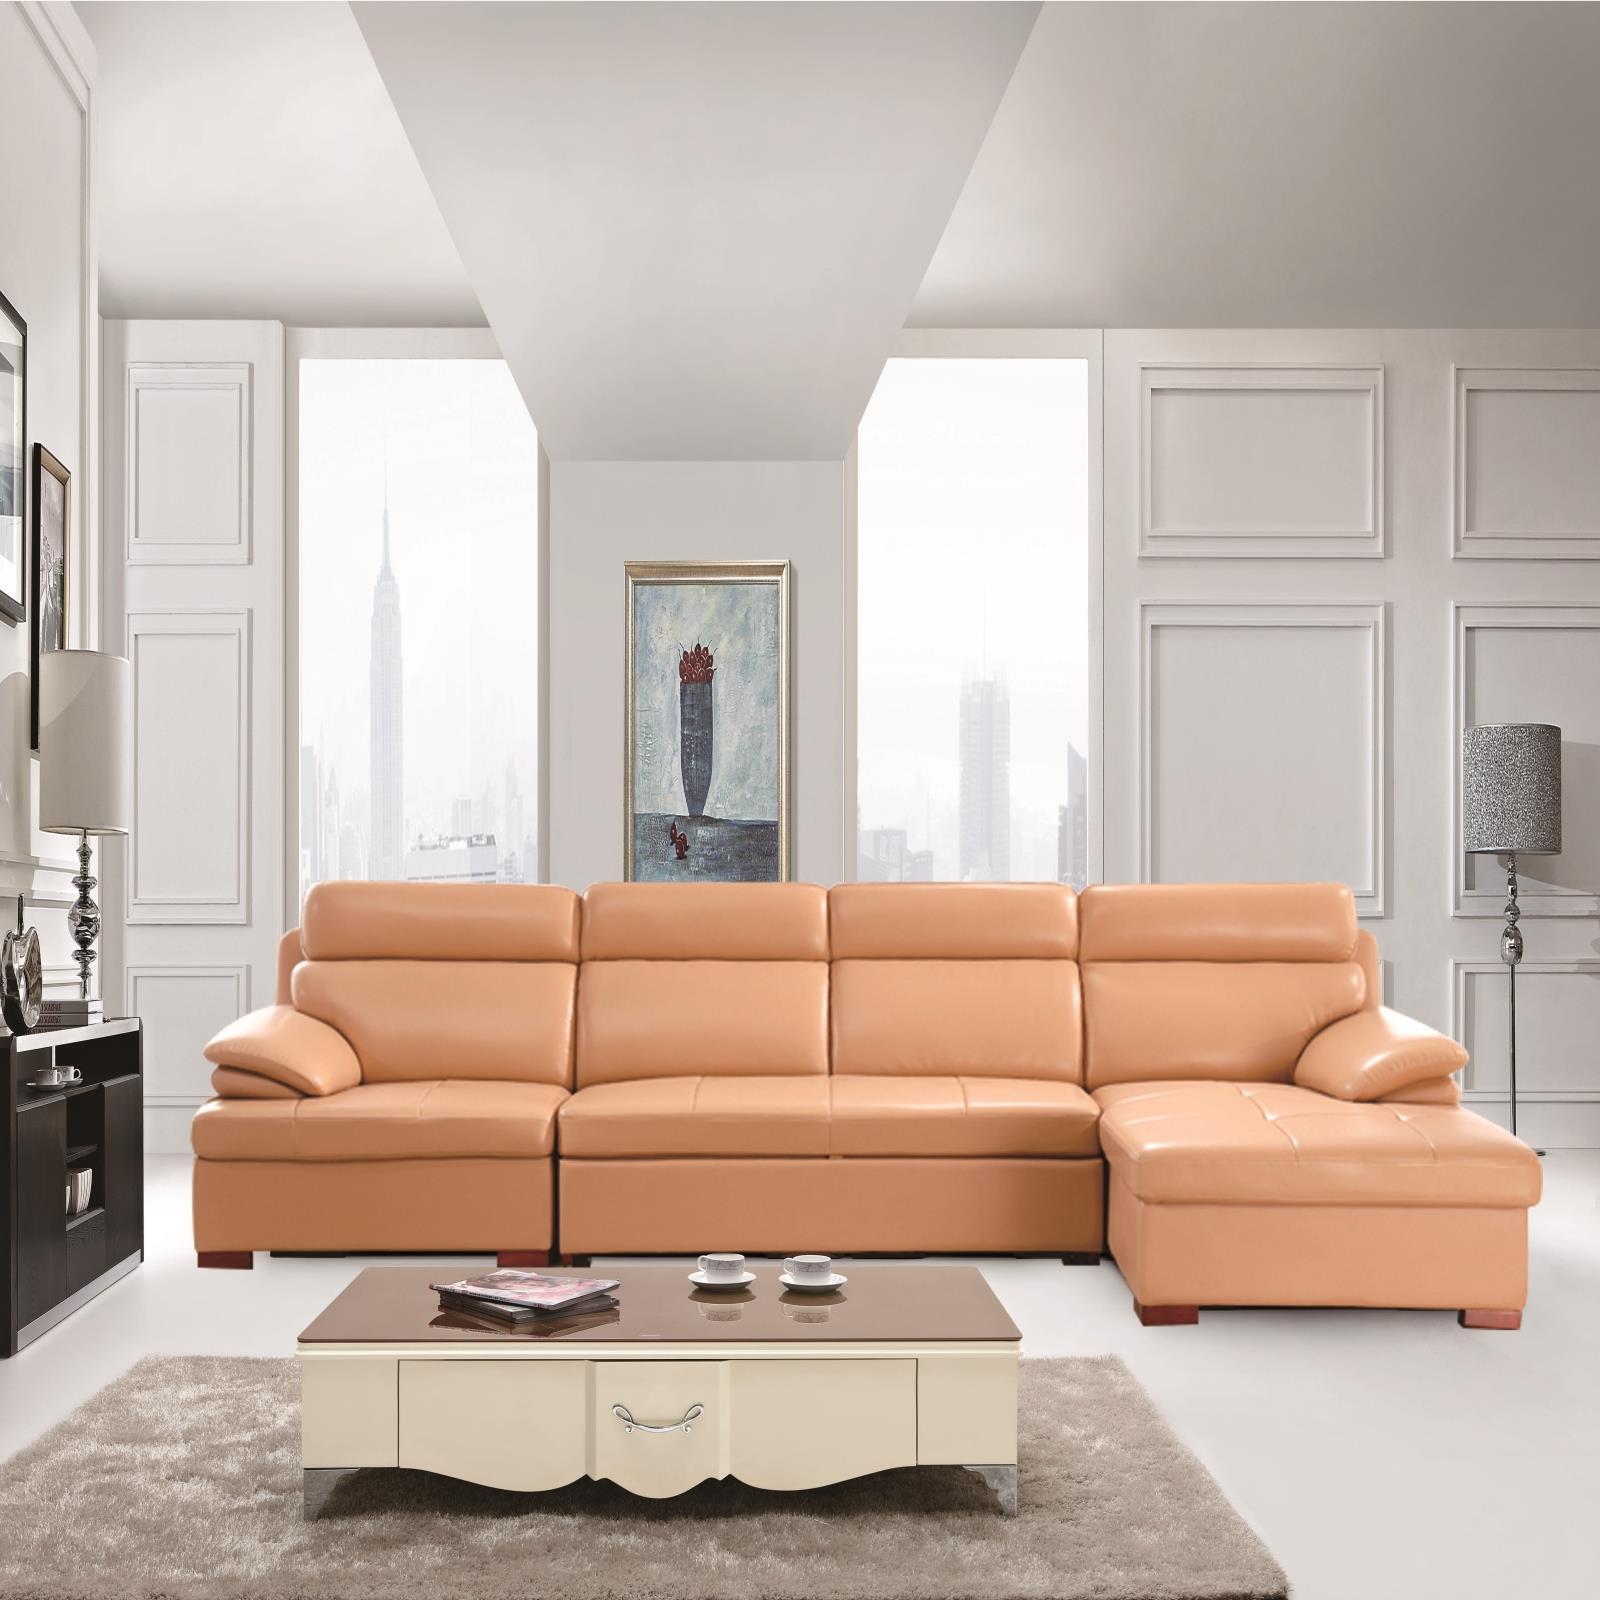 δέρμα δερμάτινο καναπέ κρεβάτι τύπου L διπλής χρήσης πολλαπλών λειτουργιών αποθήκευσης μικρό διαμέρισμα τράβα ένταση 3 λίγο βασιλικό γωνία συνδυασμένη